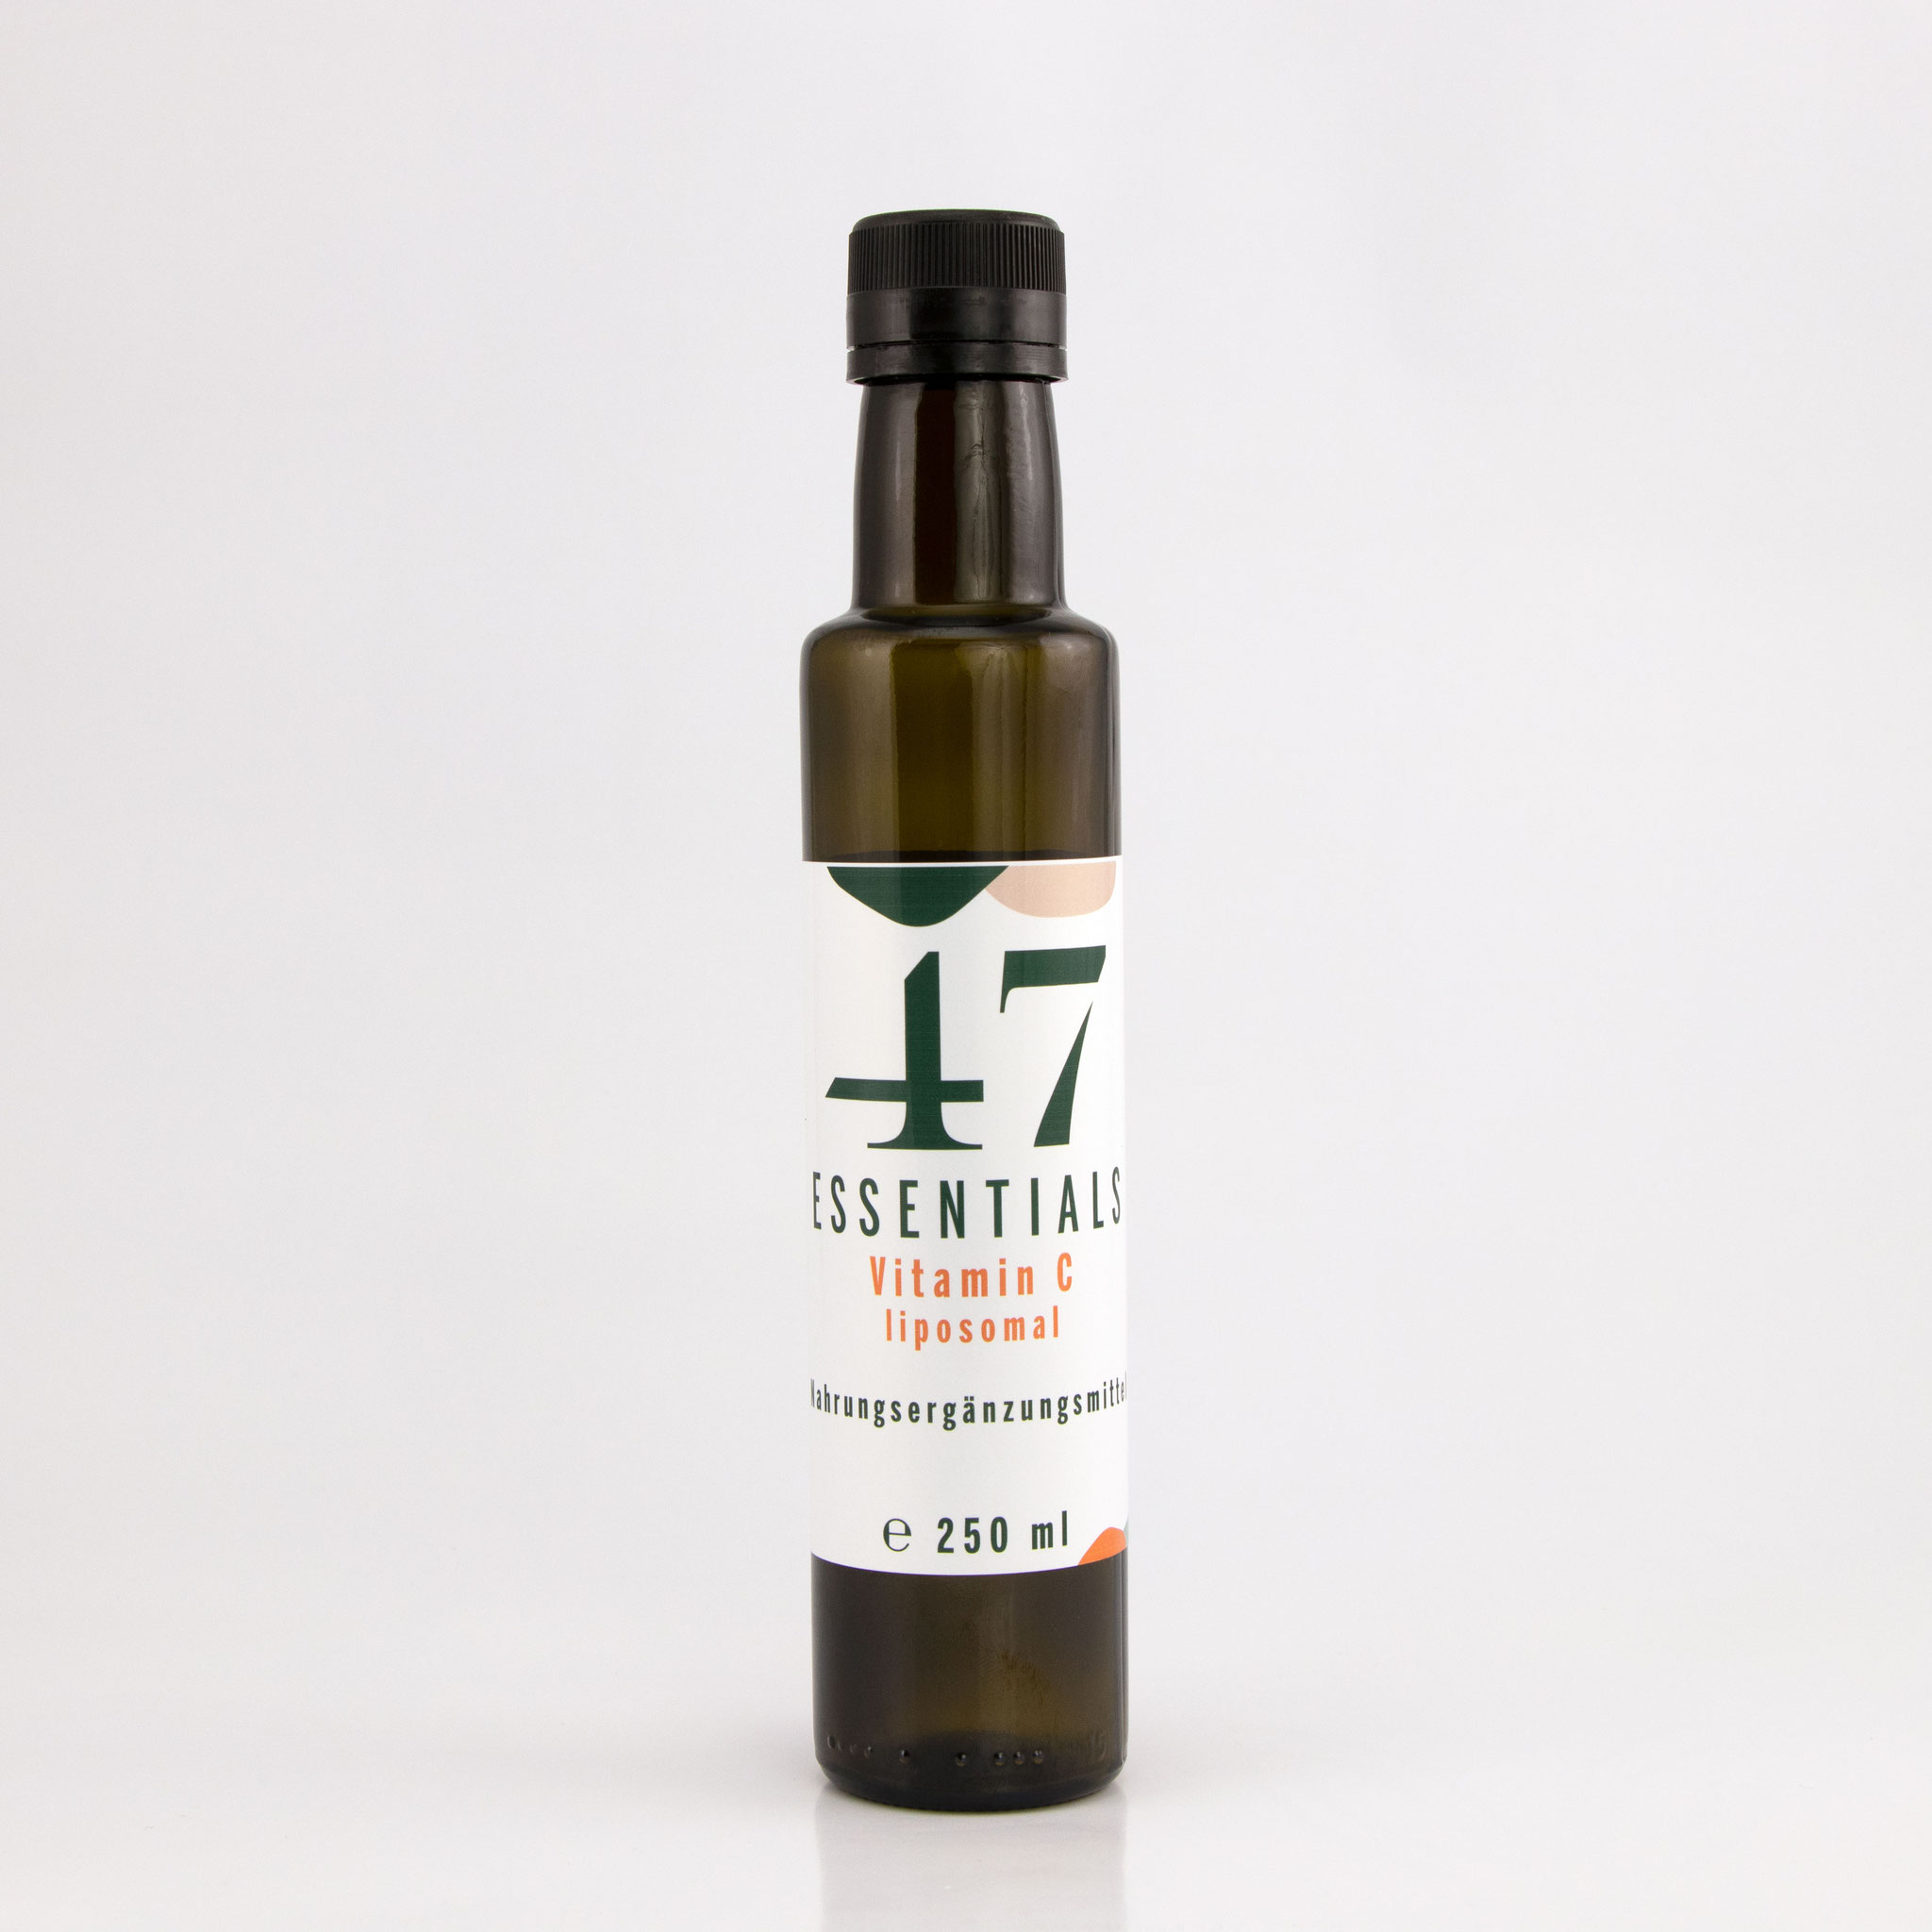 Vitamin C liposomal (250 ml) Vitamin C: (Die neue Generation)     € 55,00           Klicken Sie hier um mehr über das Produkt zu erfahren